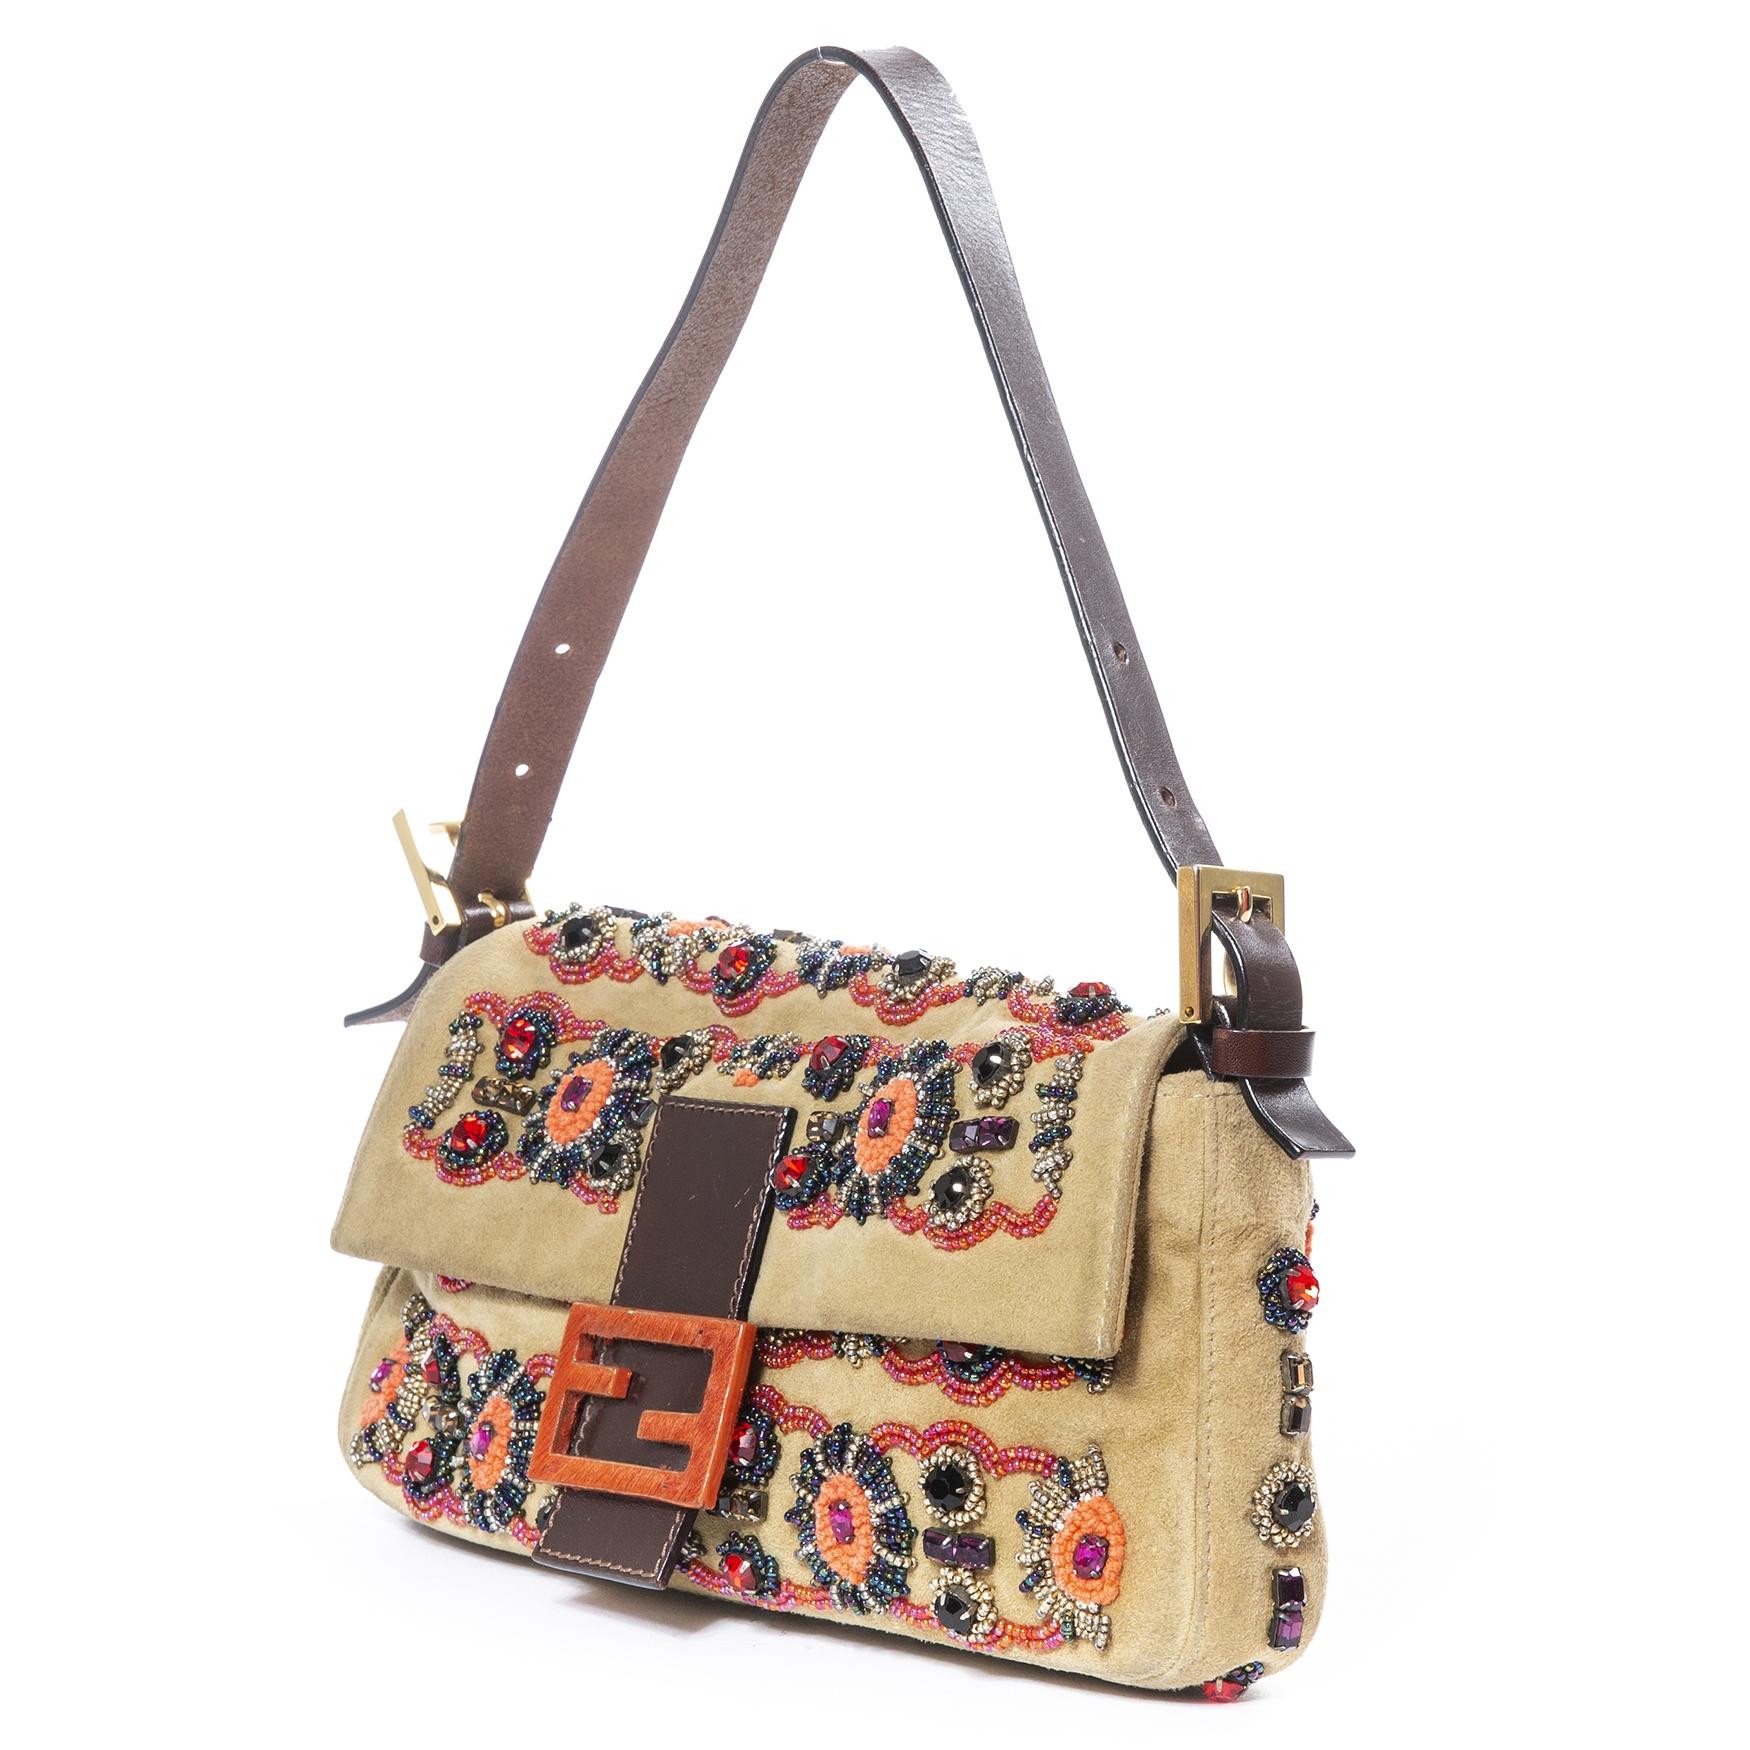 32cc8b0da9 Labellov Buy safe Delvaux designer vintage online. Vind tweedehands ...